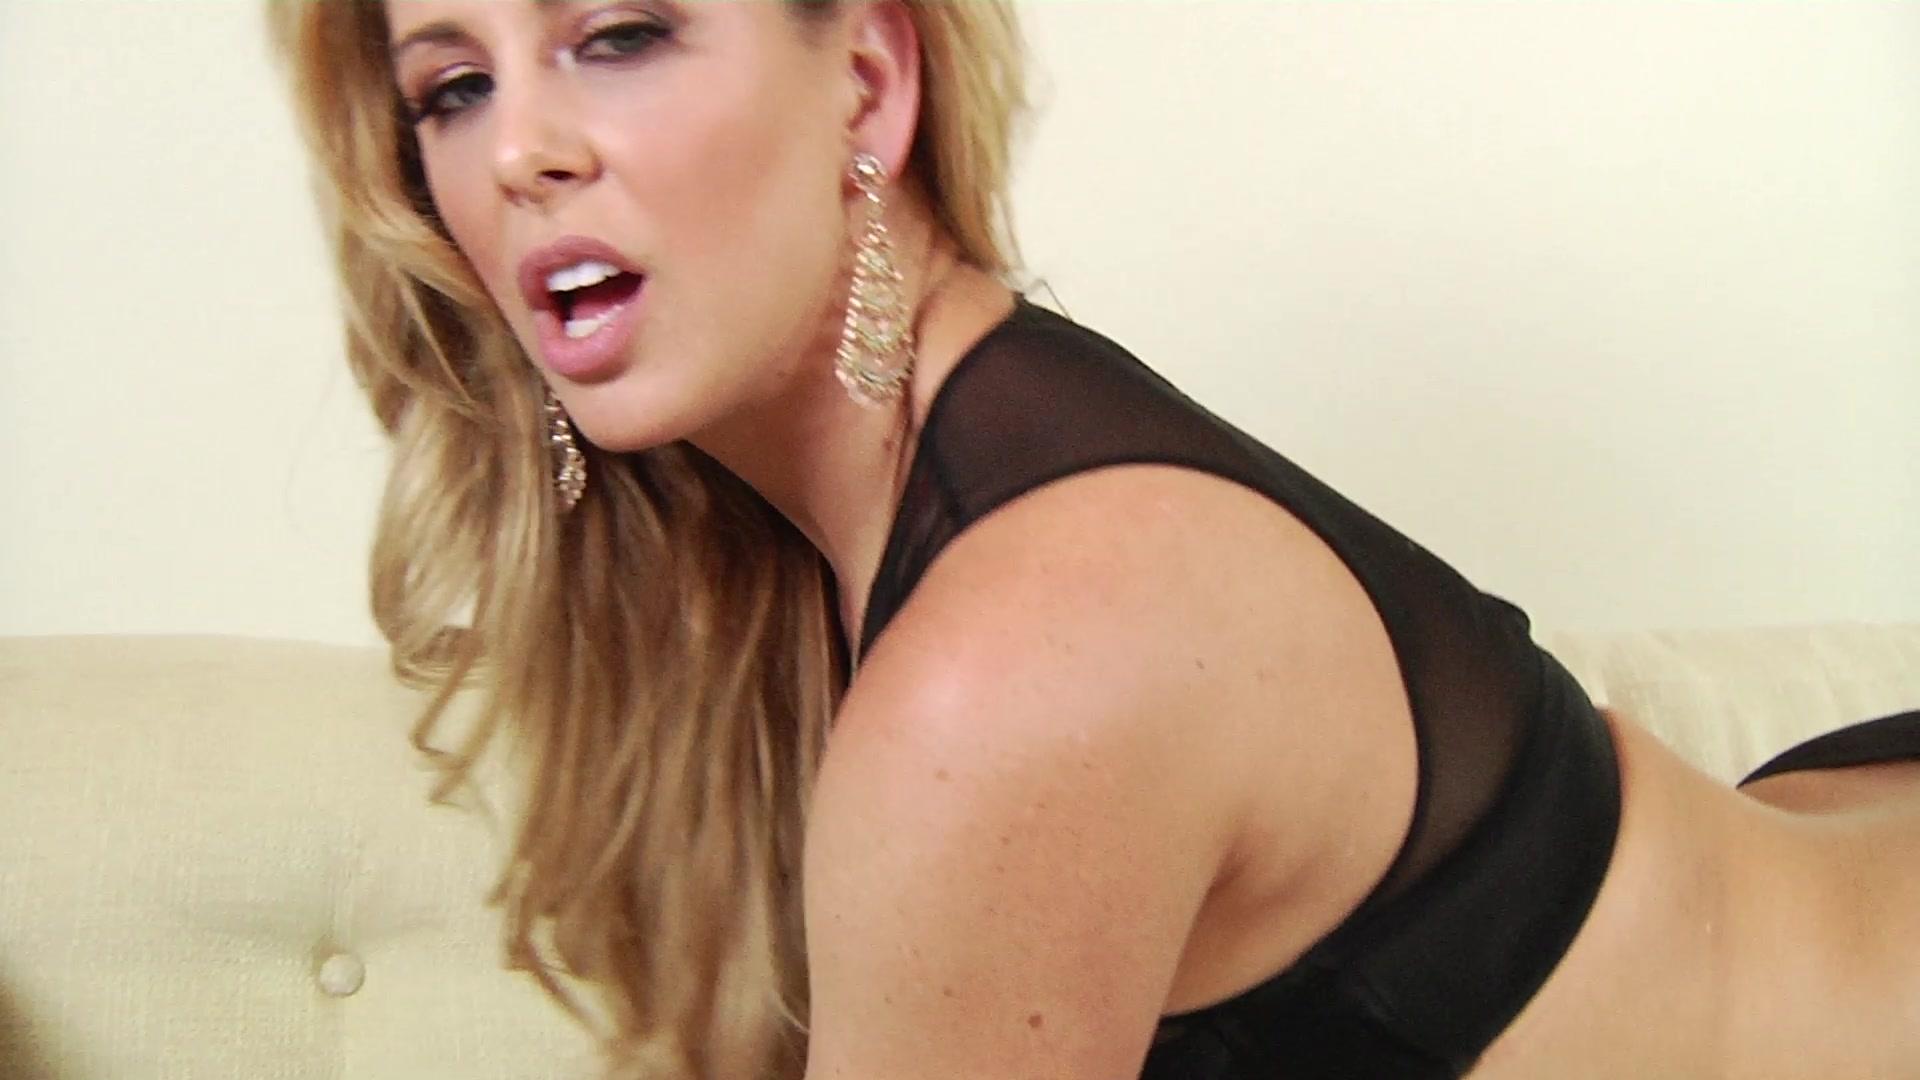 Nude scenes pretty woman julia roberts